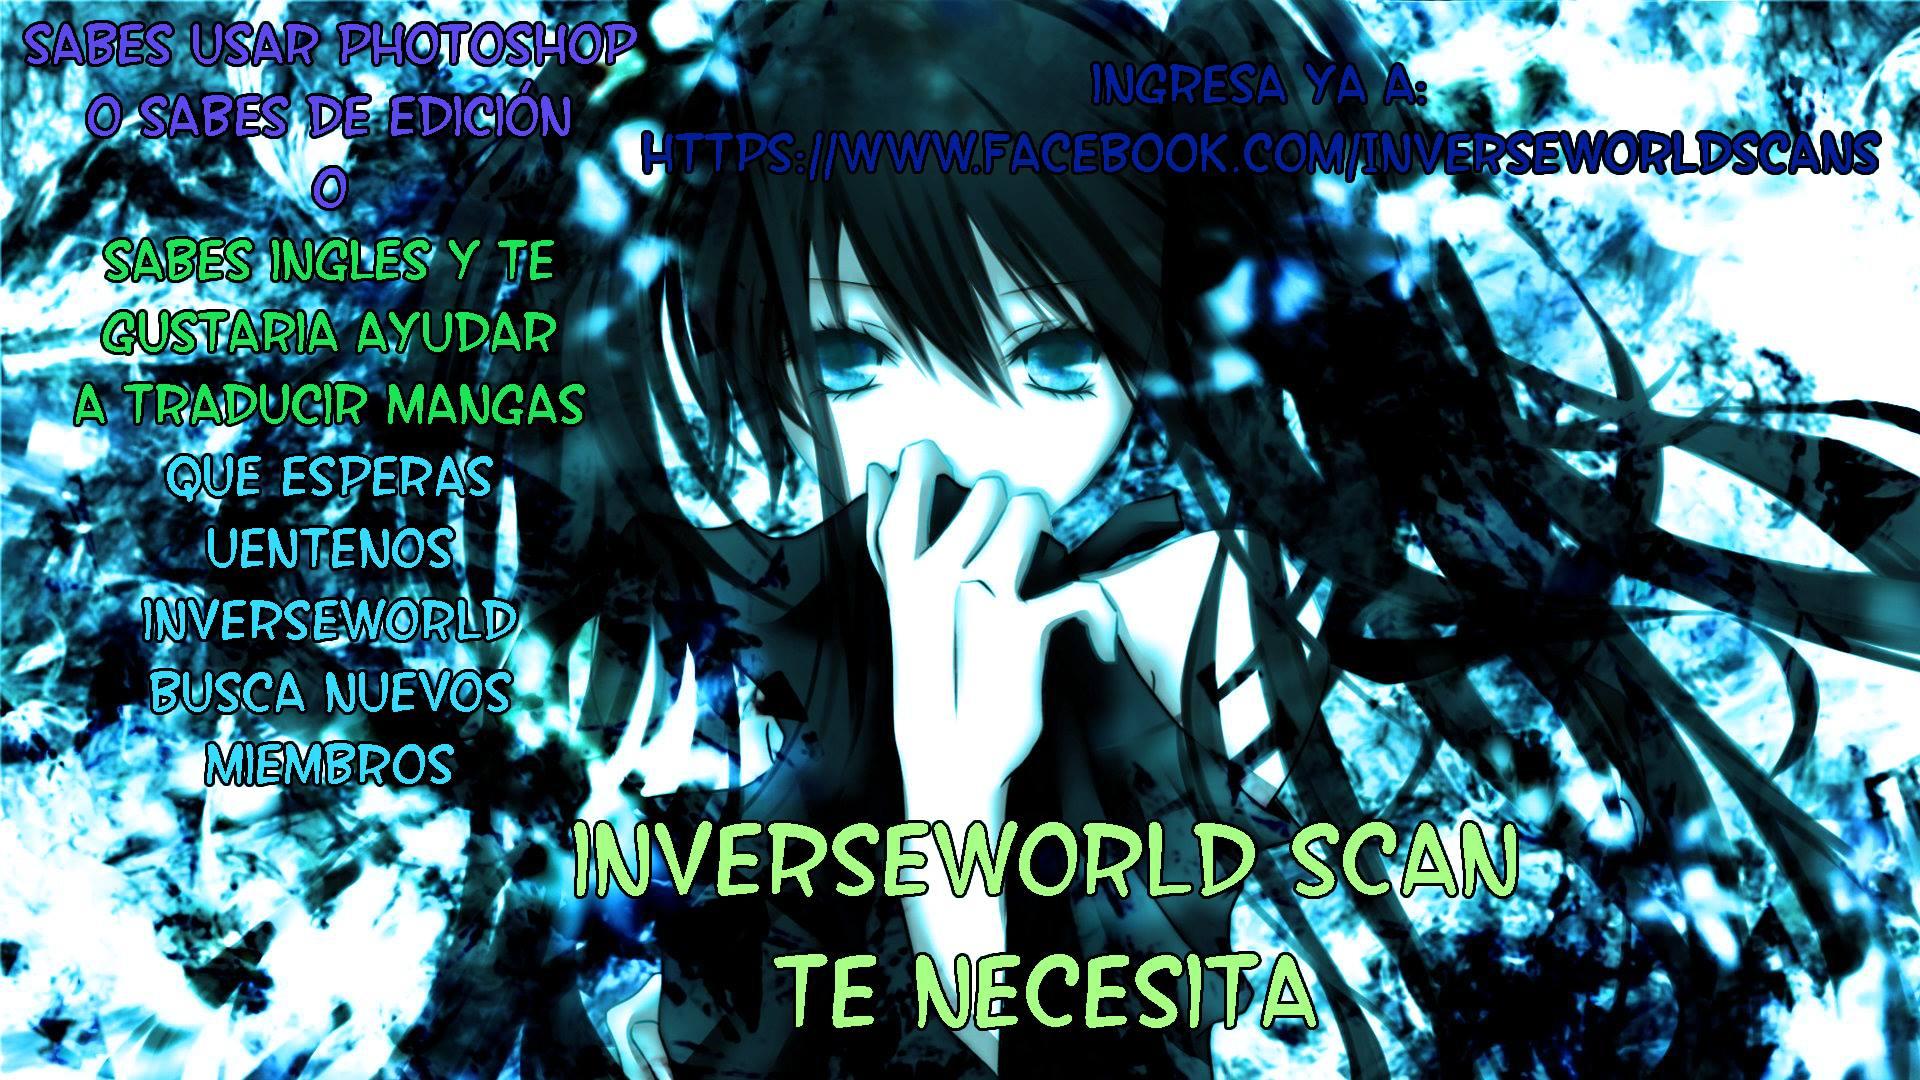 https://c5.mangatag.com/es_manga/18/16210/415335/e4a86b0d7bf4c46d7d550a92b0b2fcae.jpg Page 1